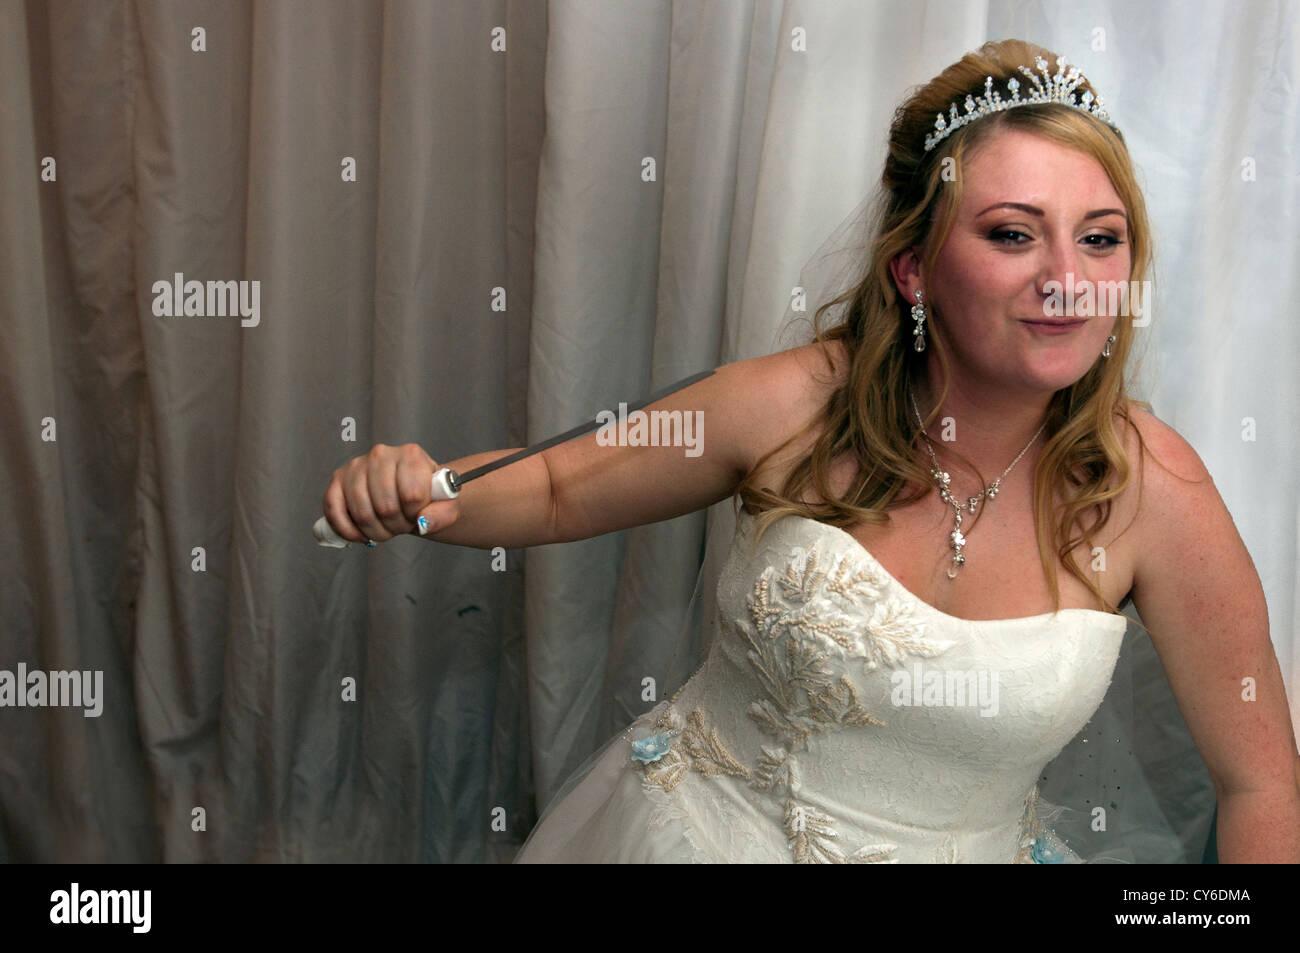 Modello rilasciato sposa tenendo un coltello (Bridezilla) al matrimonio Immagini Stock